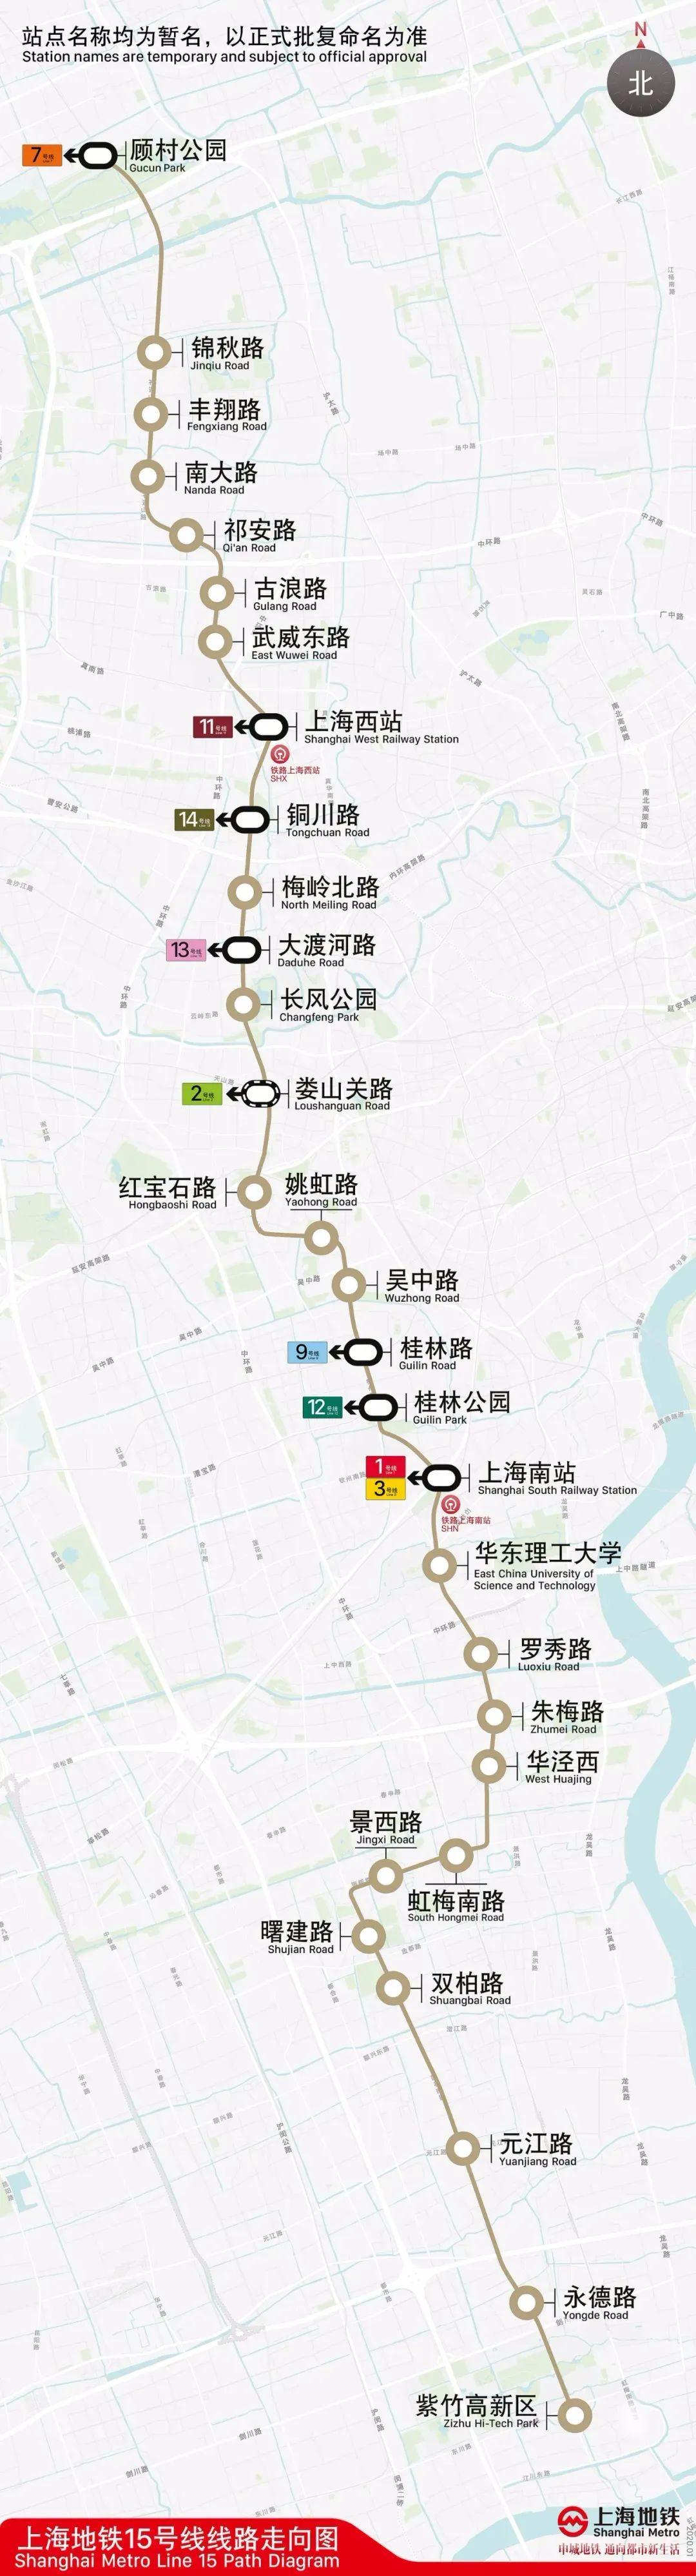 站点名称均为暂名,以正式批复名为准。